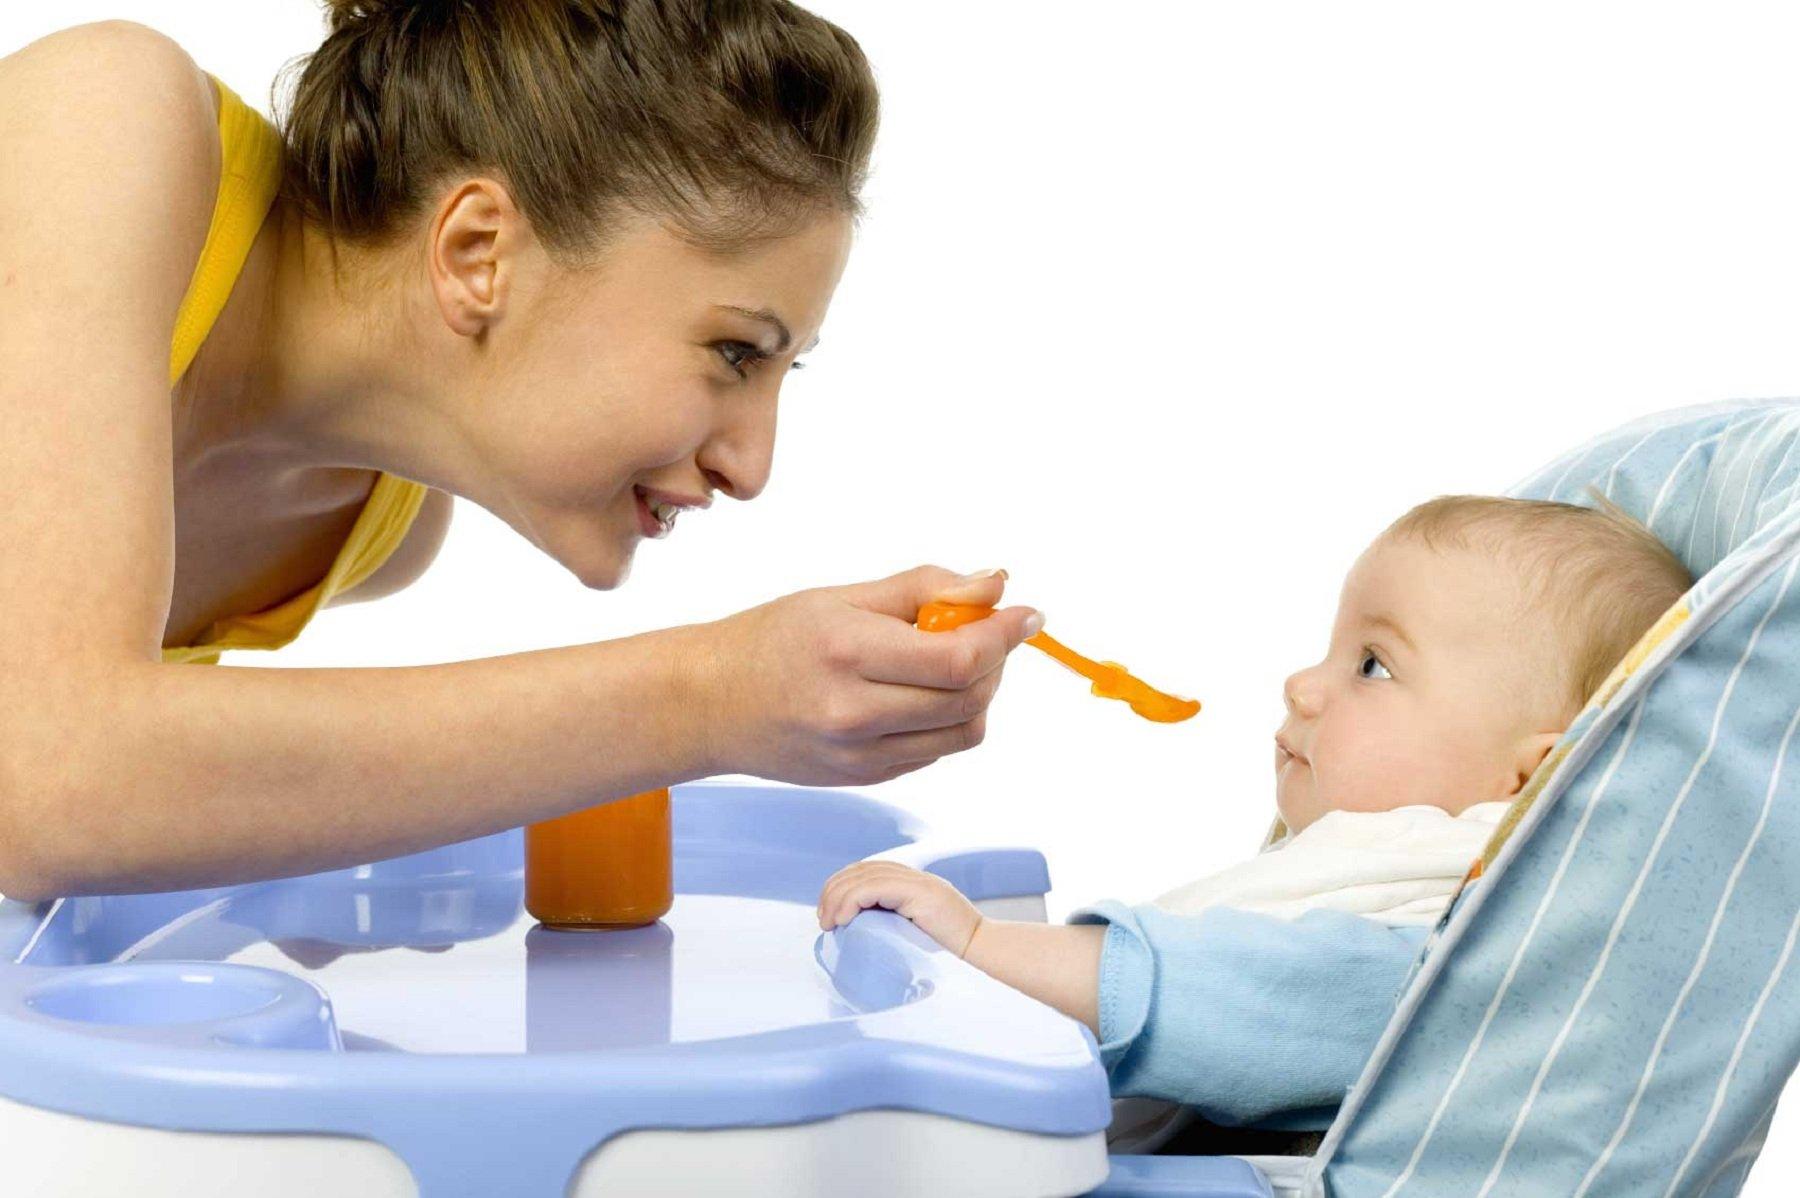 Введение прикорма малышу: ожидание и реальность в 15 фото